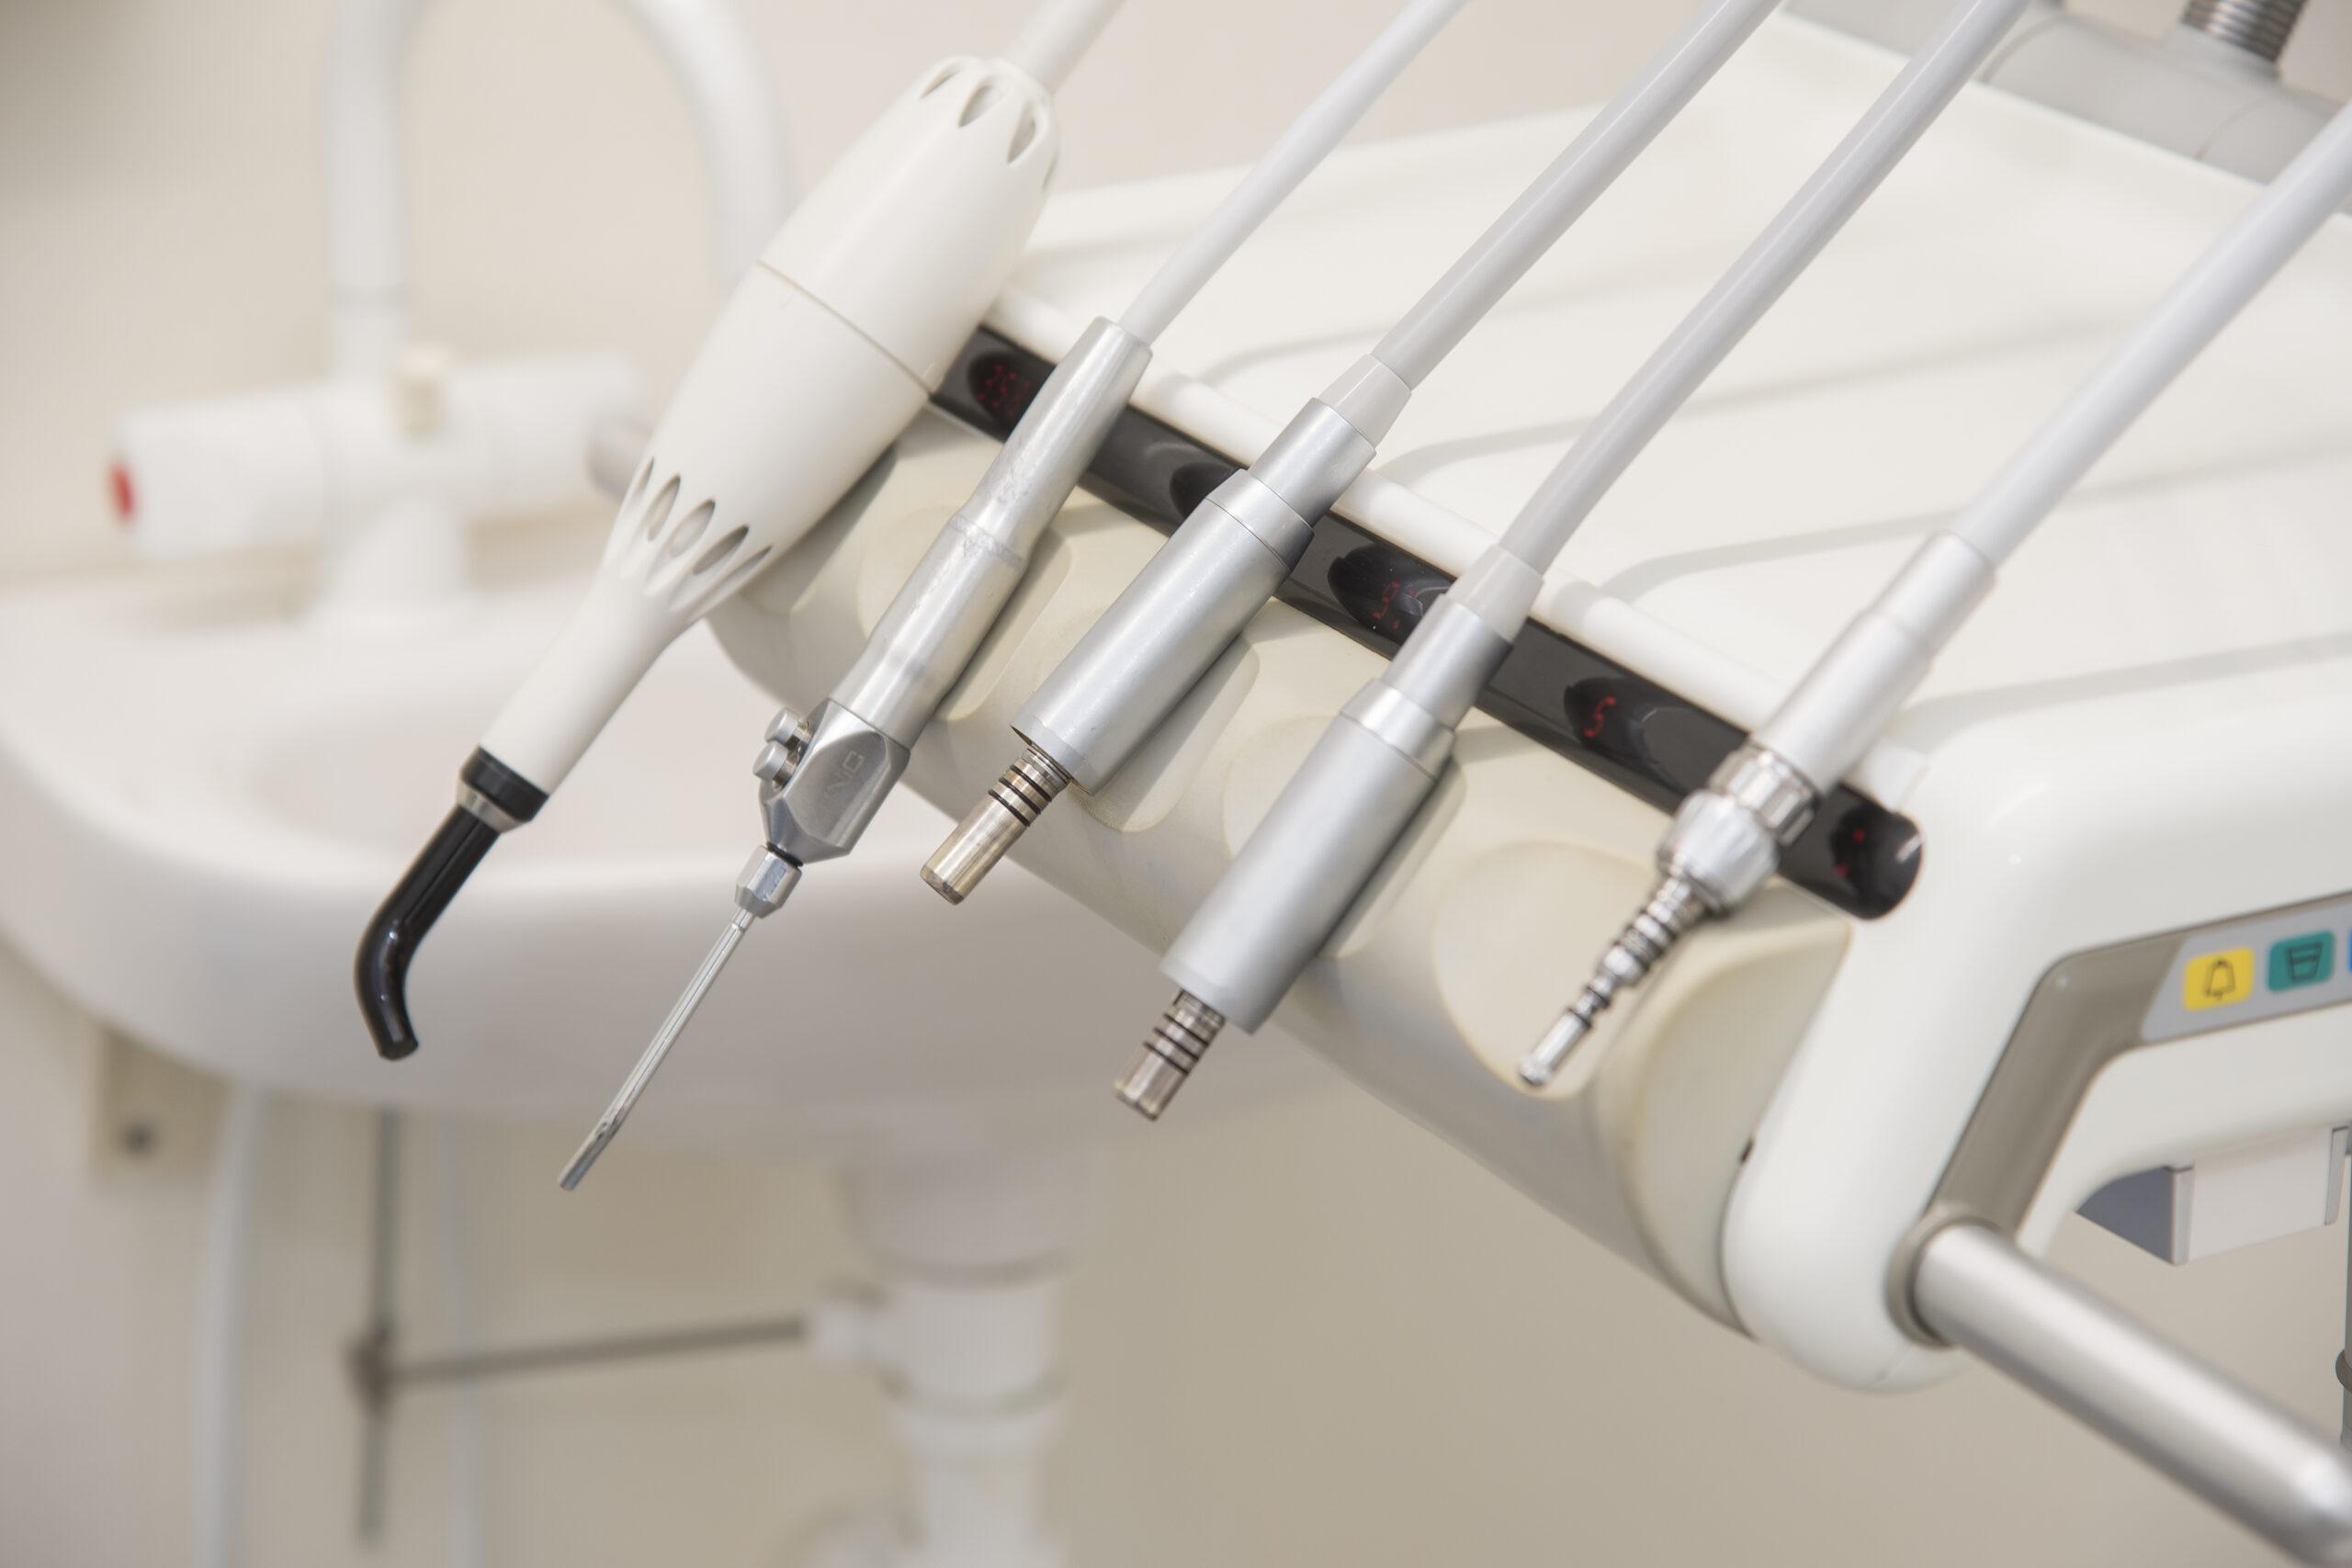 Udstyr til tandbehandling